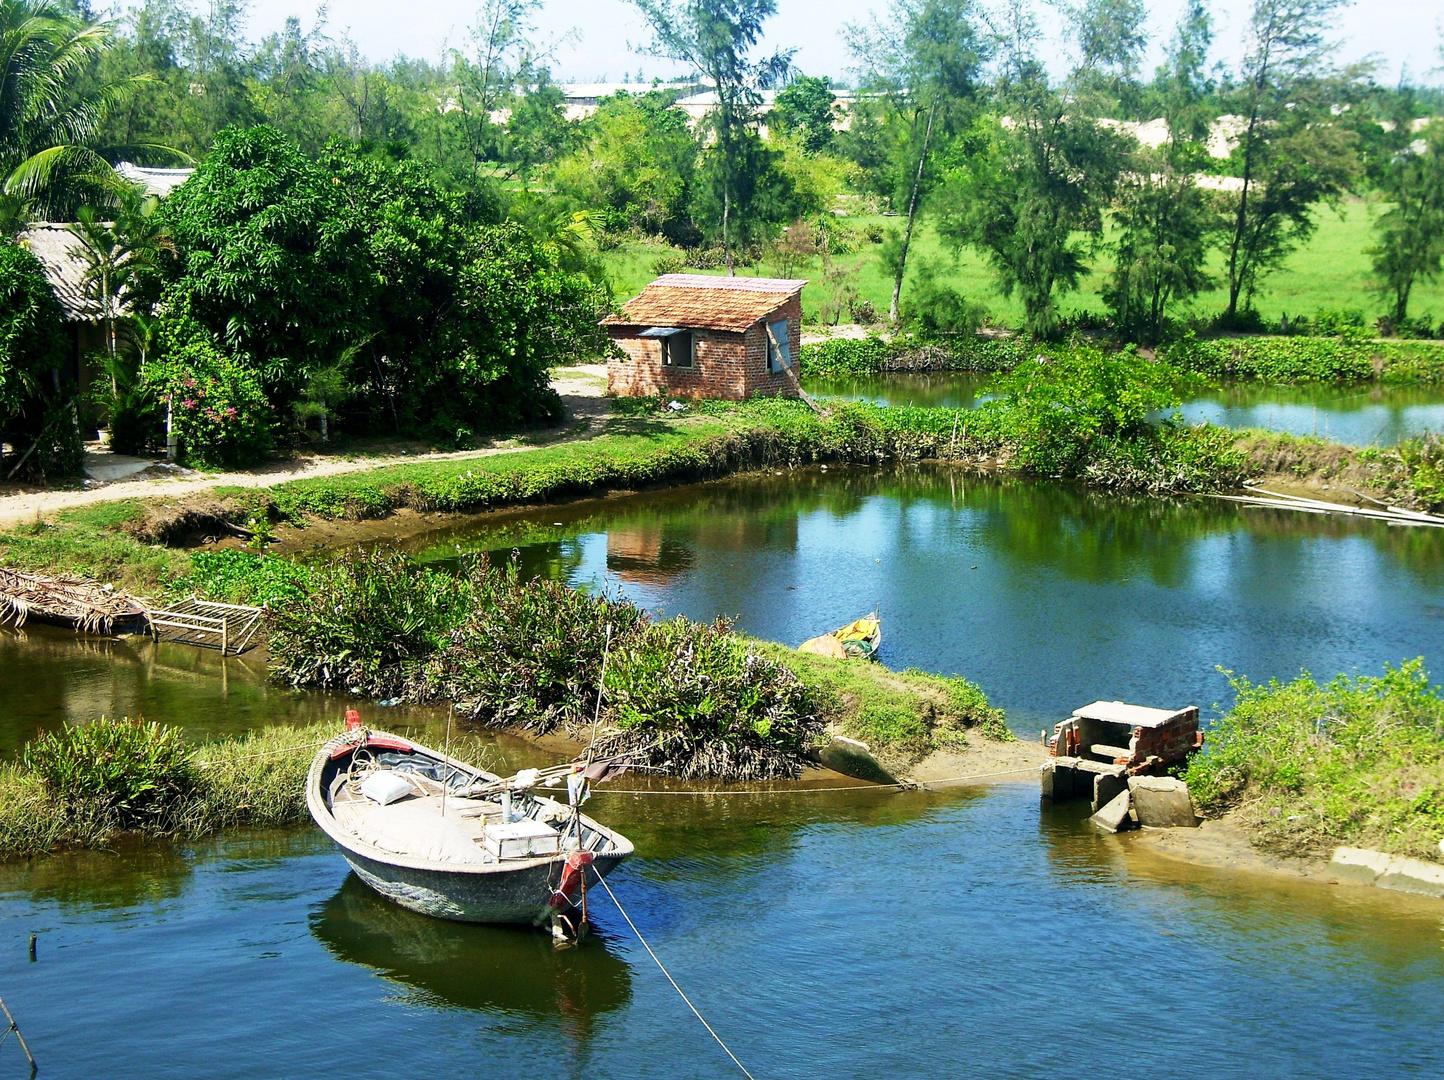 Mein Haus, mein Boot, mein . . .